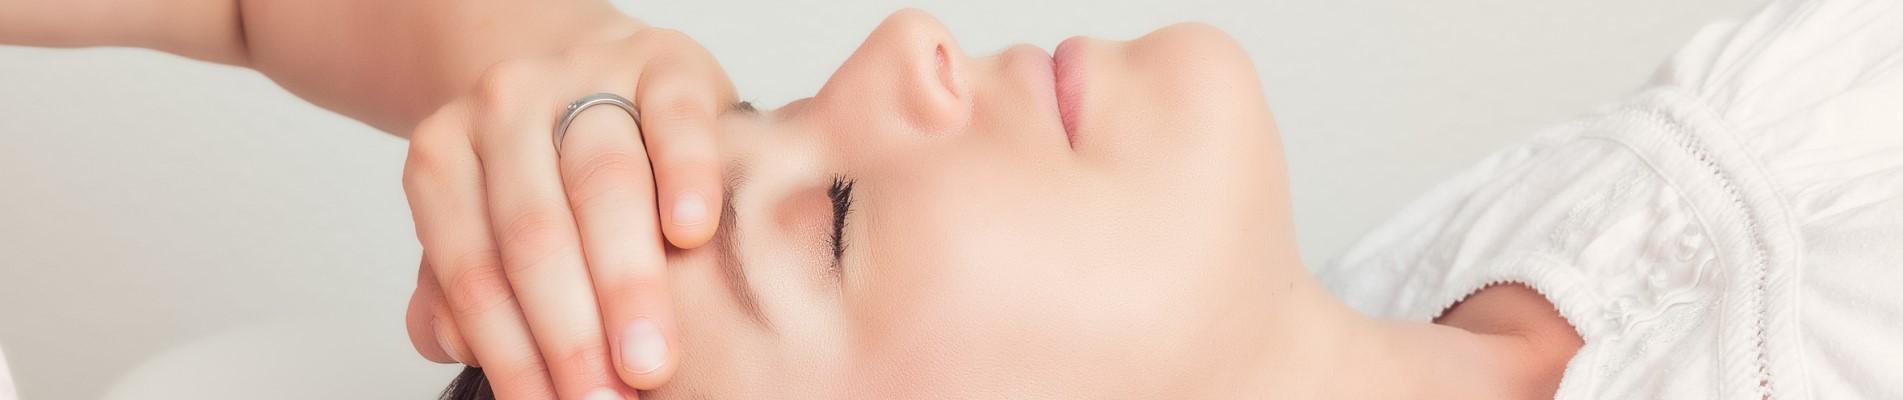 Osteopathie Varel - ganzheitliches Behandlungsverfahren zur Aktivierung der natürlichen Selbstheilungskräfte